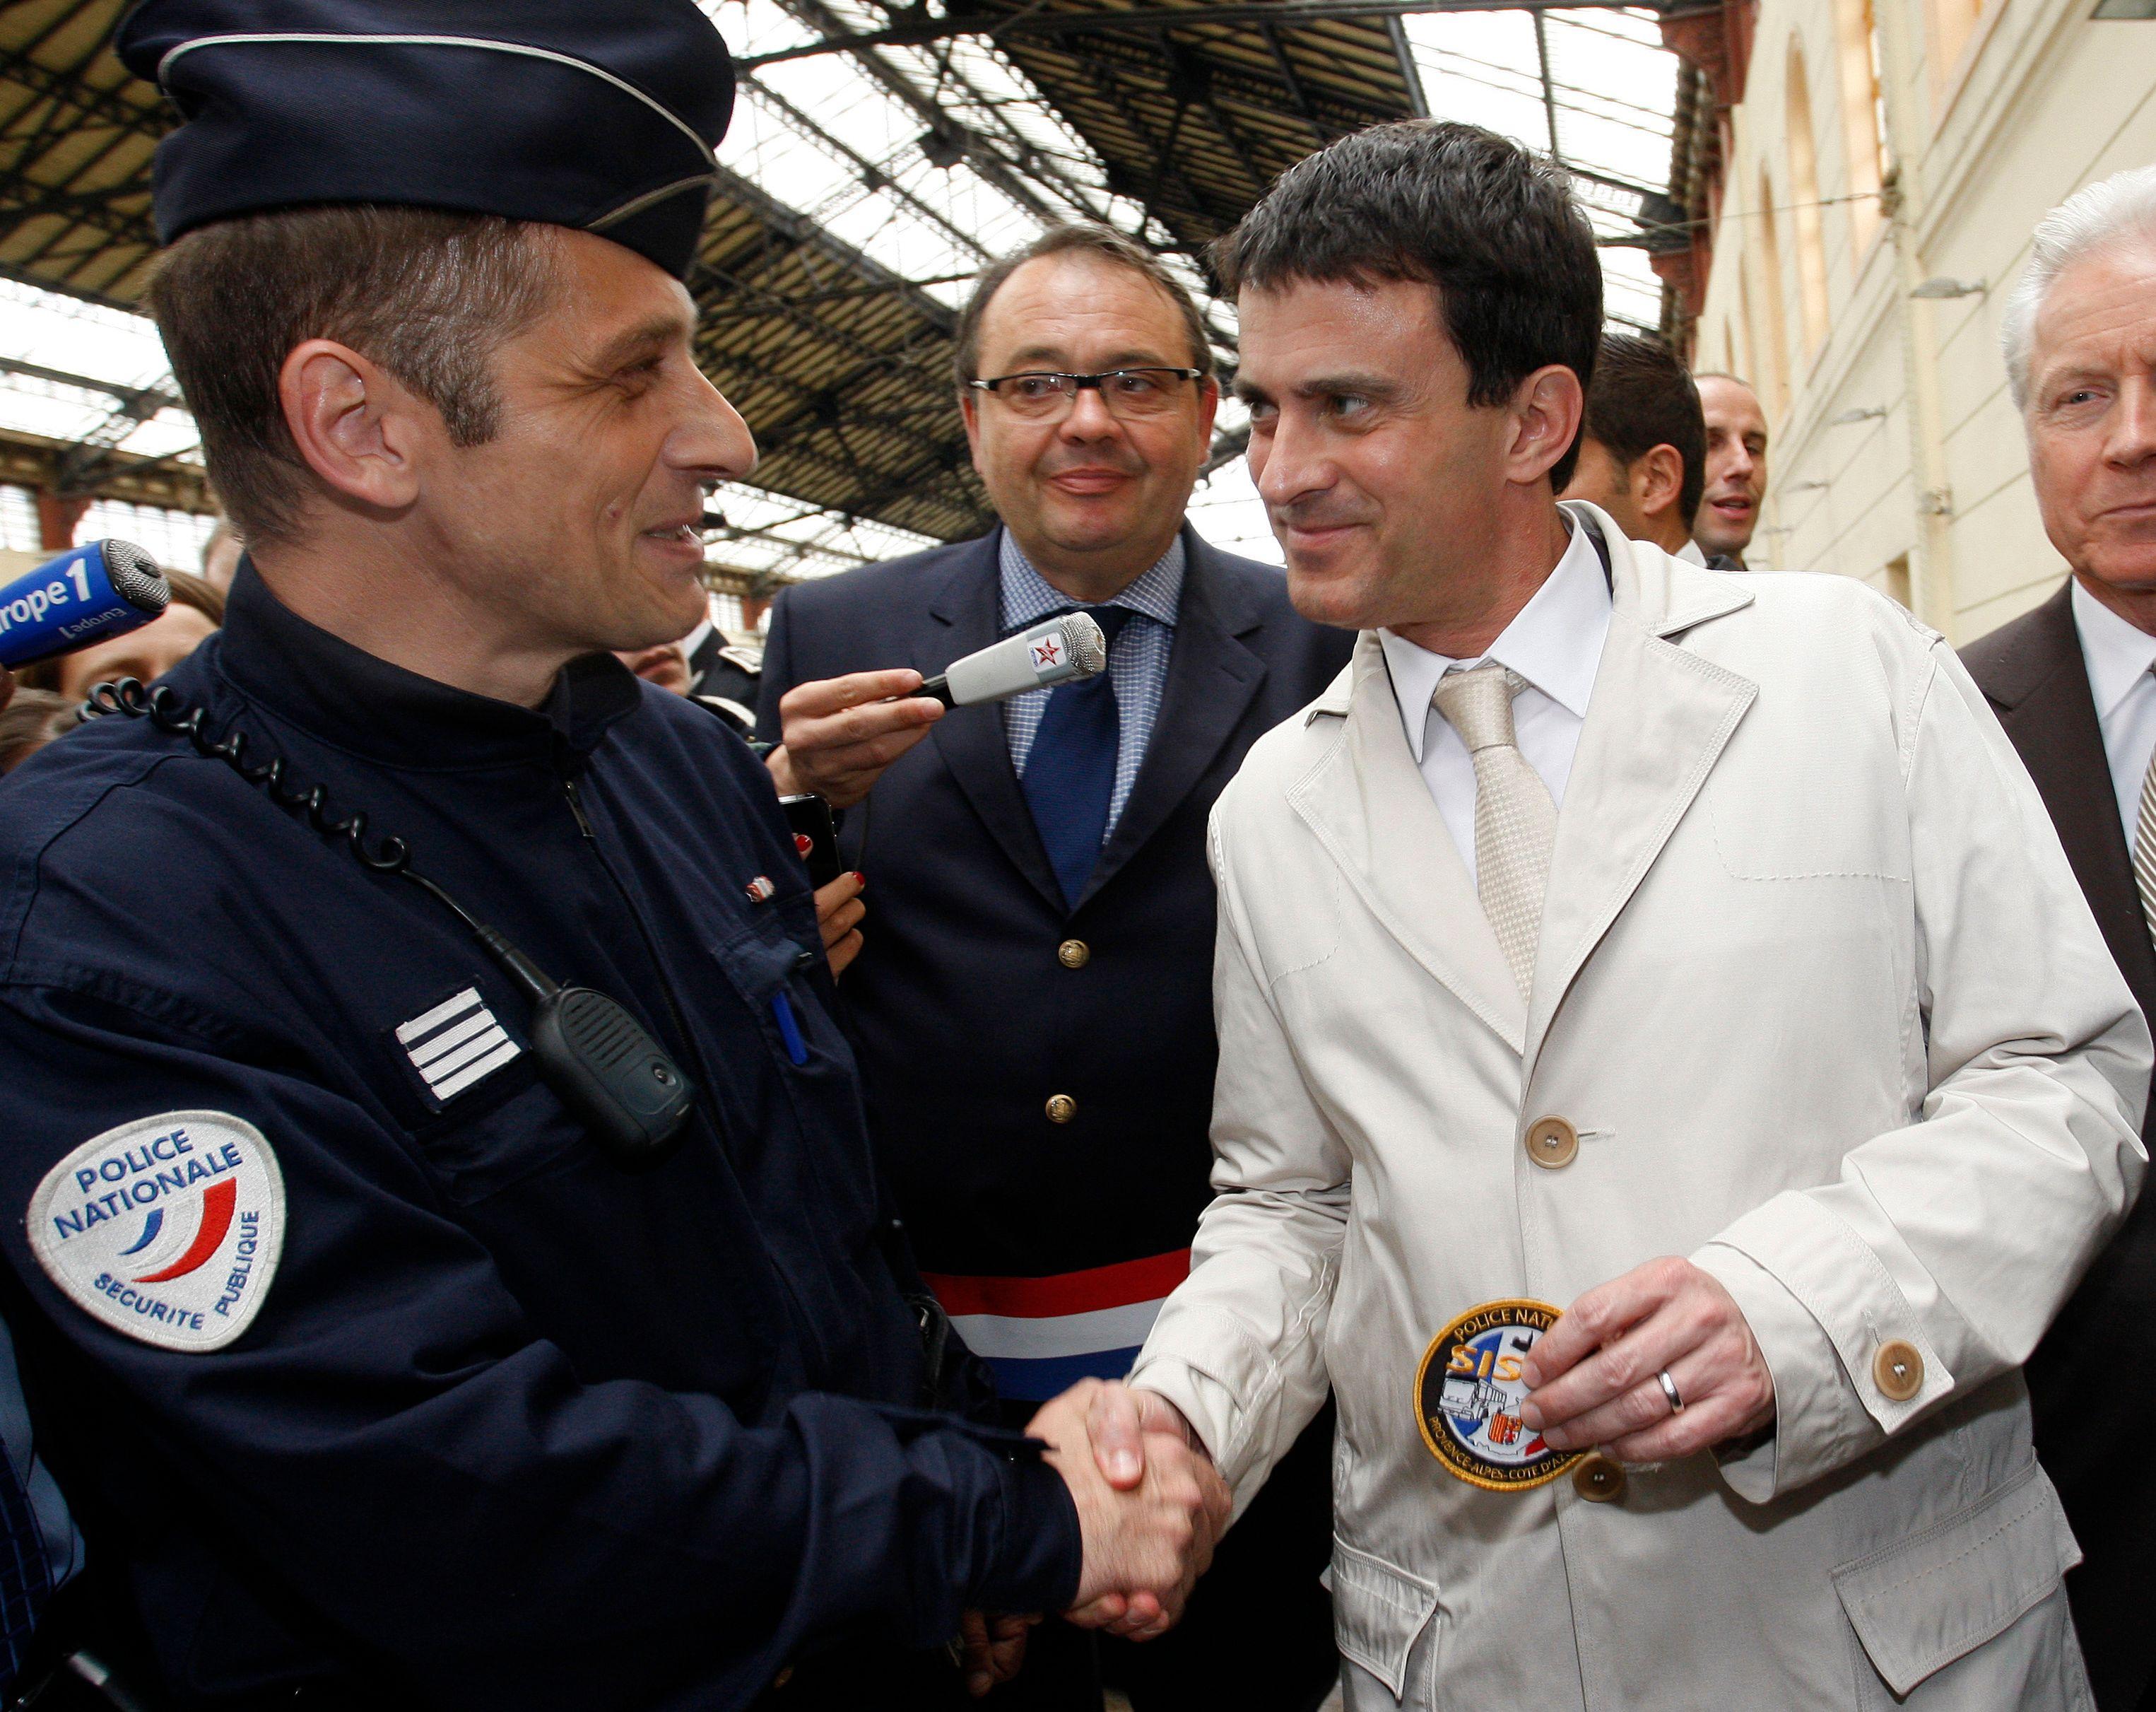 Quelle est la ligne du gouvernement en matière de sécurité ? Faut-il se fier au martial Manuel Valls ou à la compréhensive Christiane Taubira ?